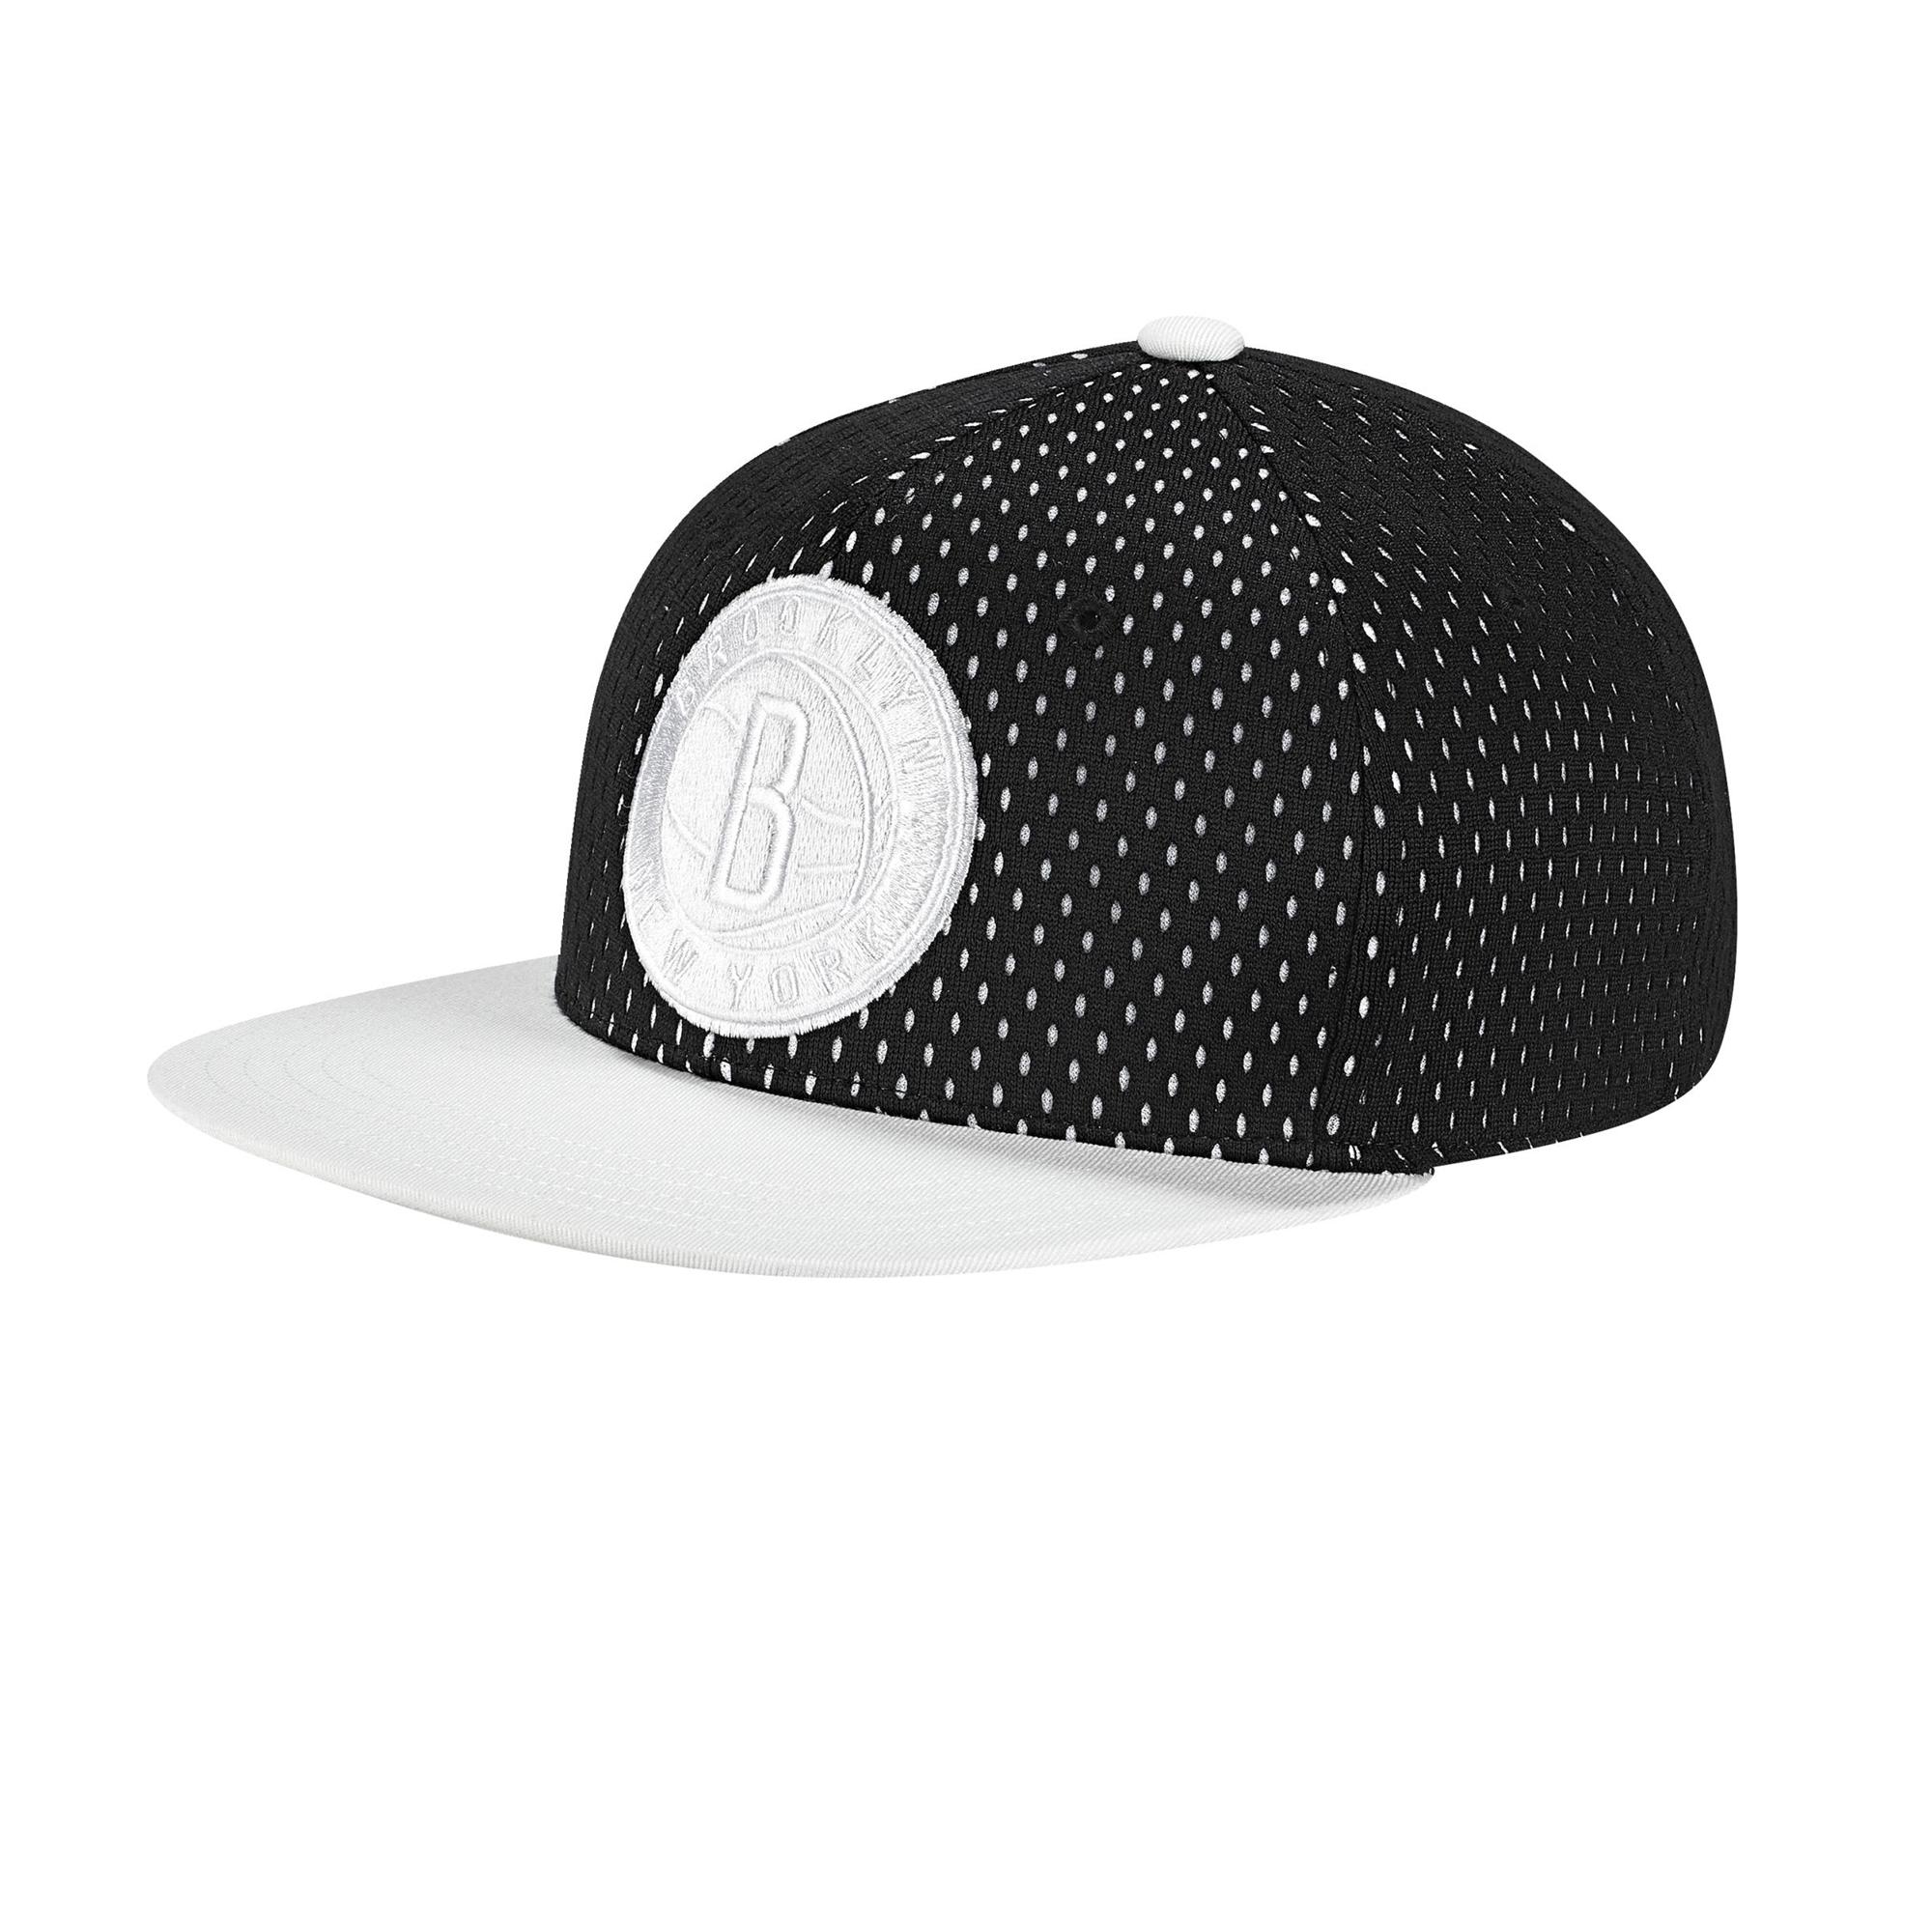 Adidas Originals Gorra Brooklyn Nets Cap Snapback (negro blanco) e5dd9f2e391